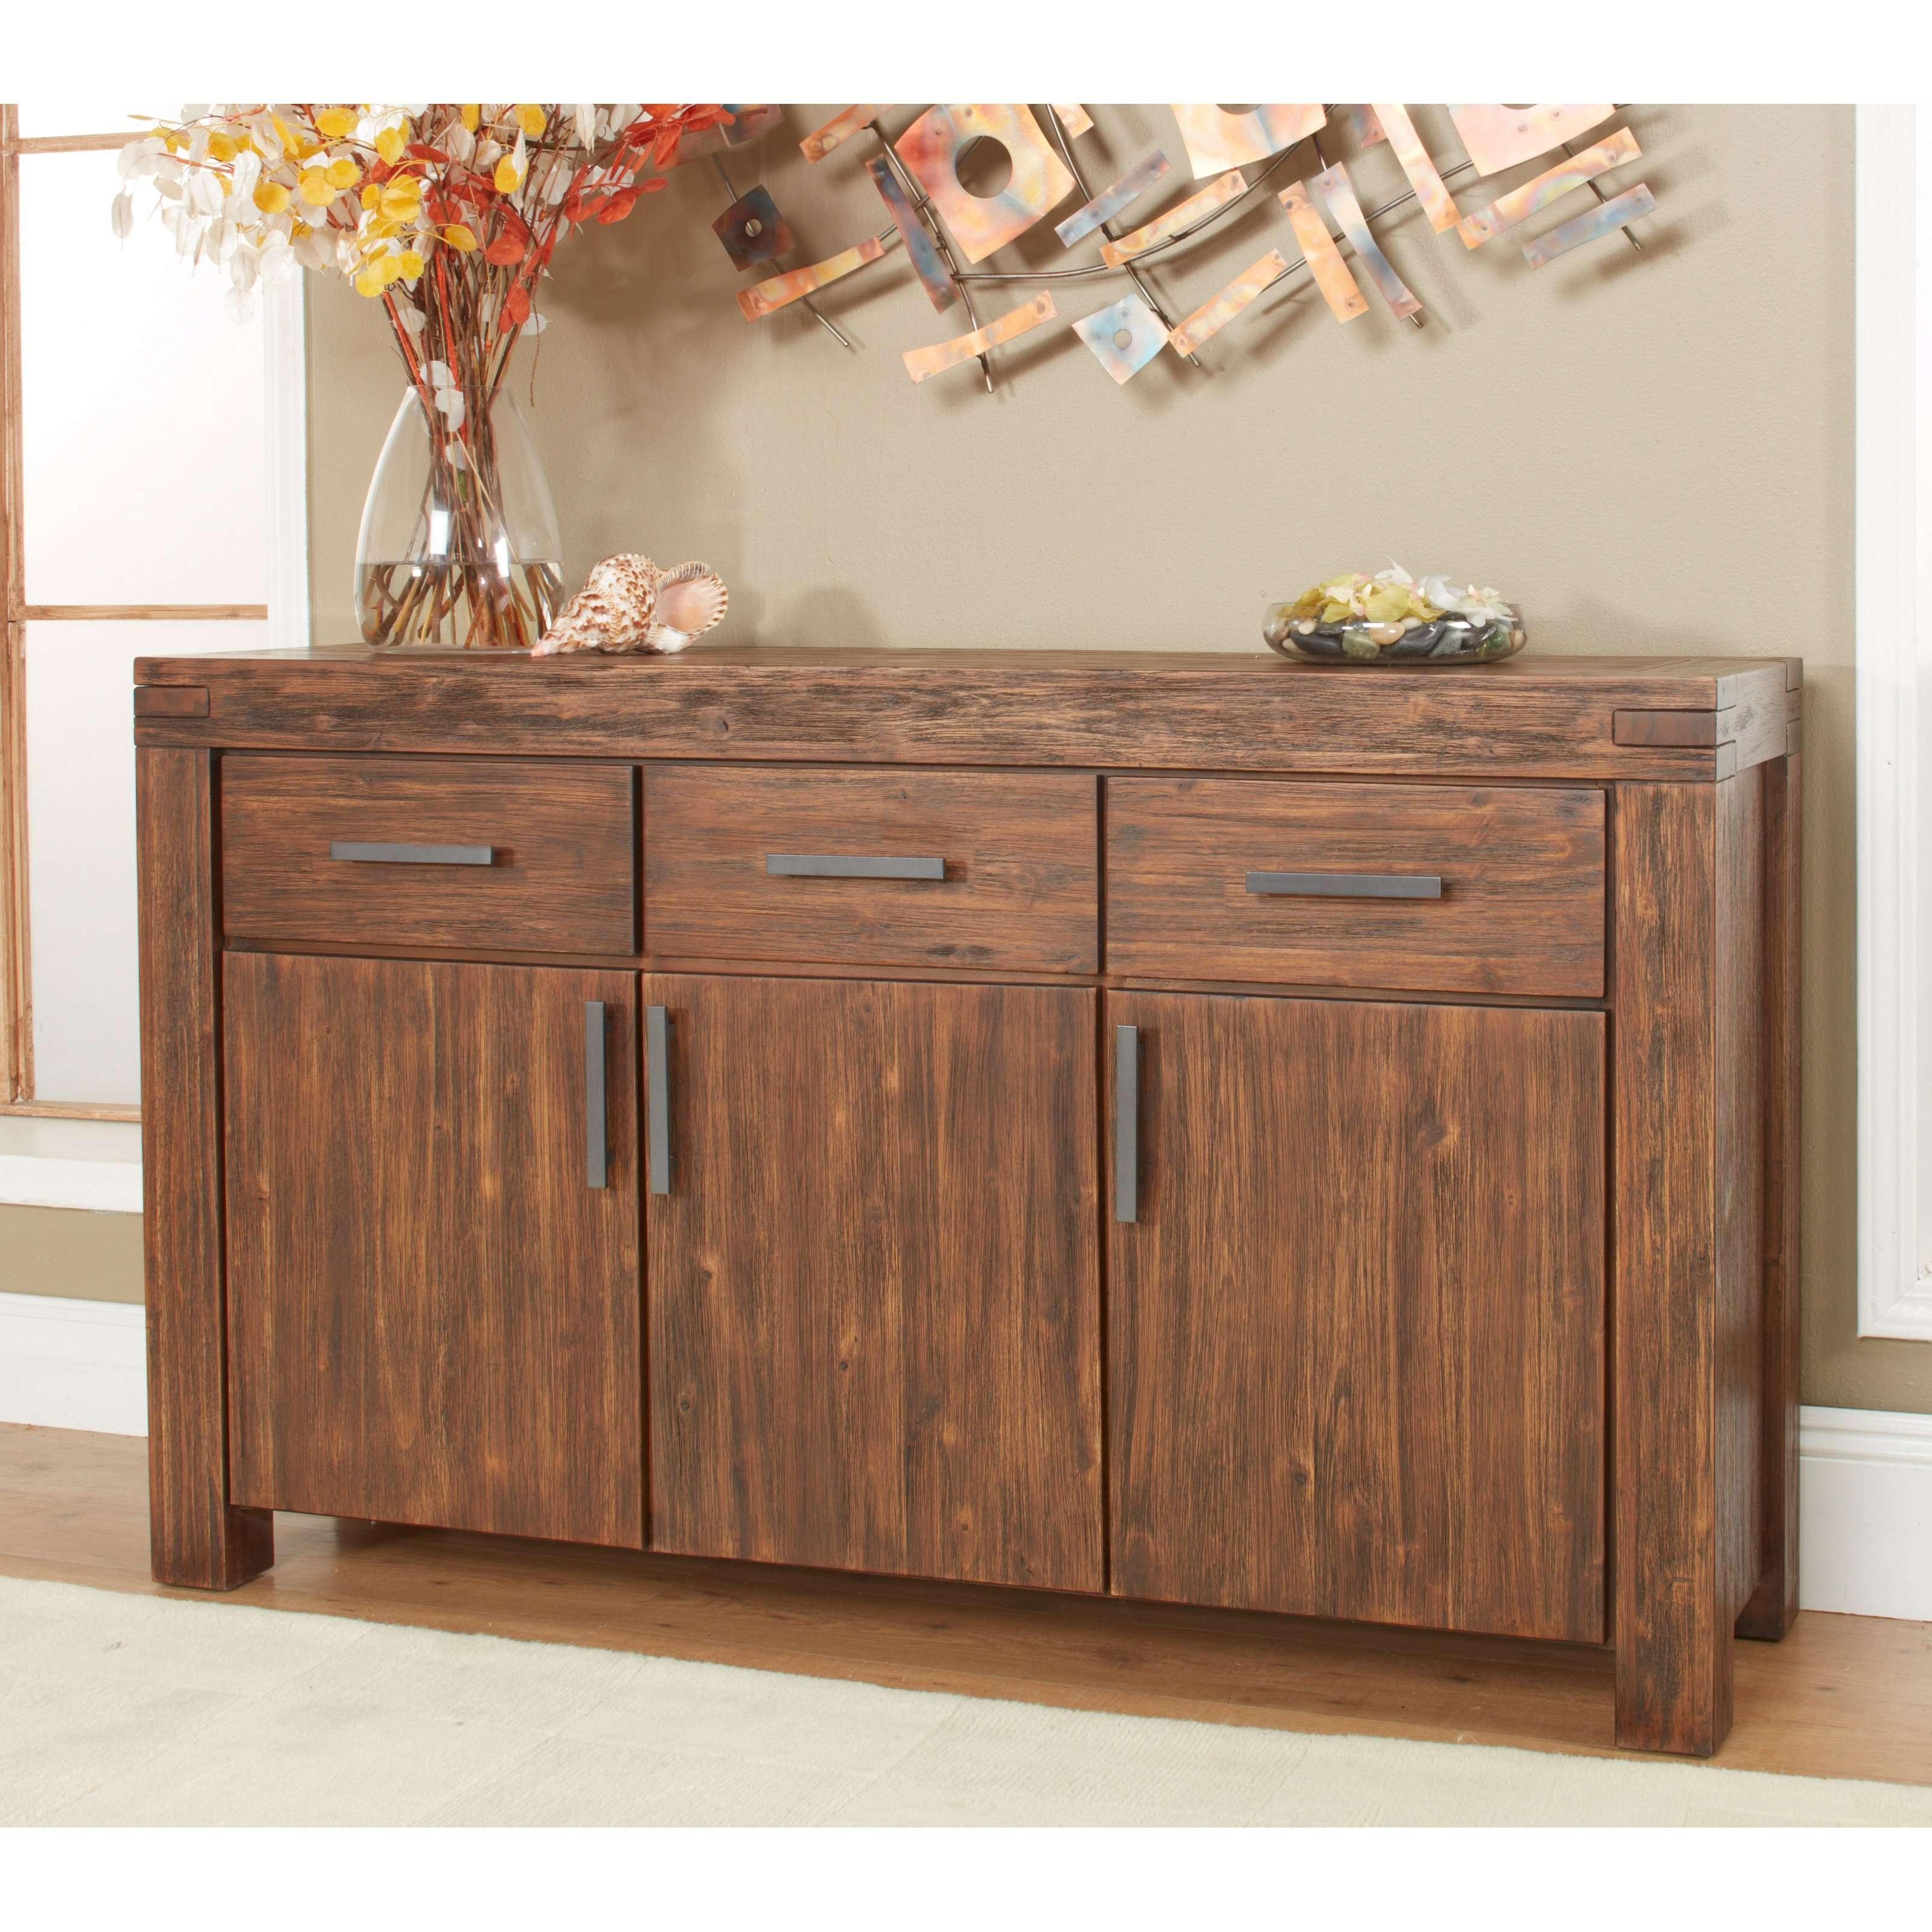 Modus Meadow 3 Door 3 Drawer Solid Wood Sideboard – Brick Brown Throughout Real Wood Sideboards (View 12 of 20)